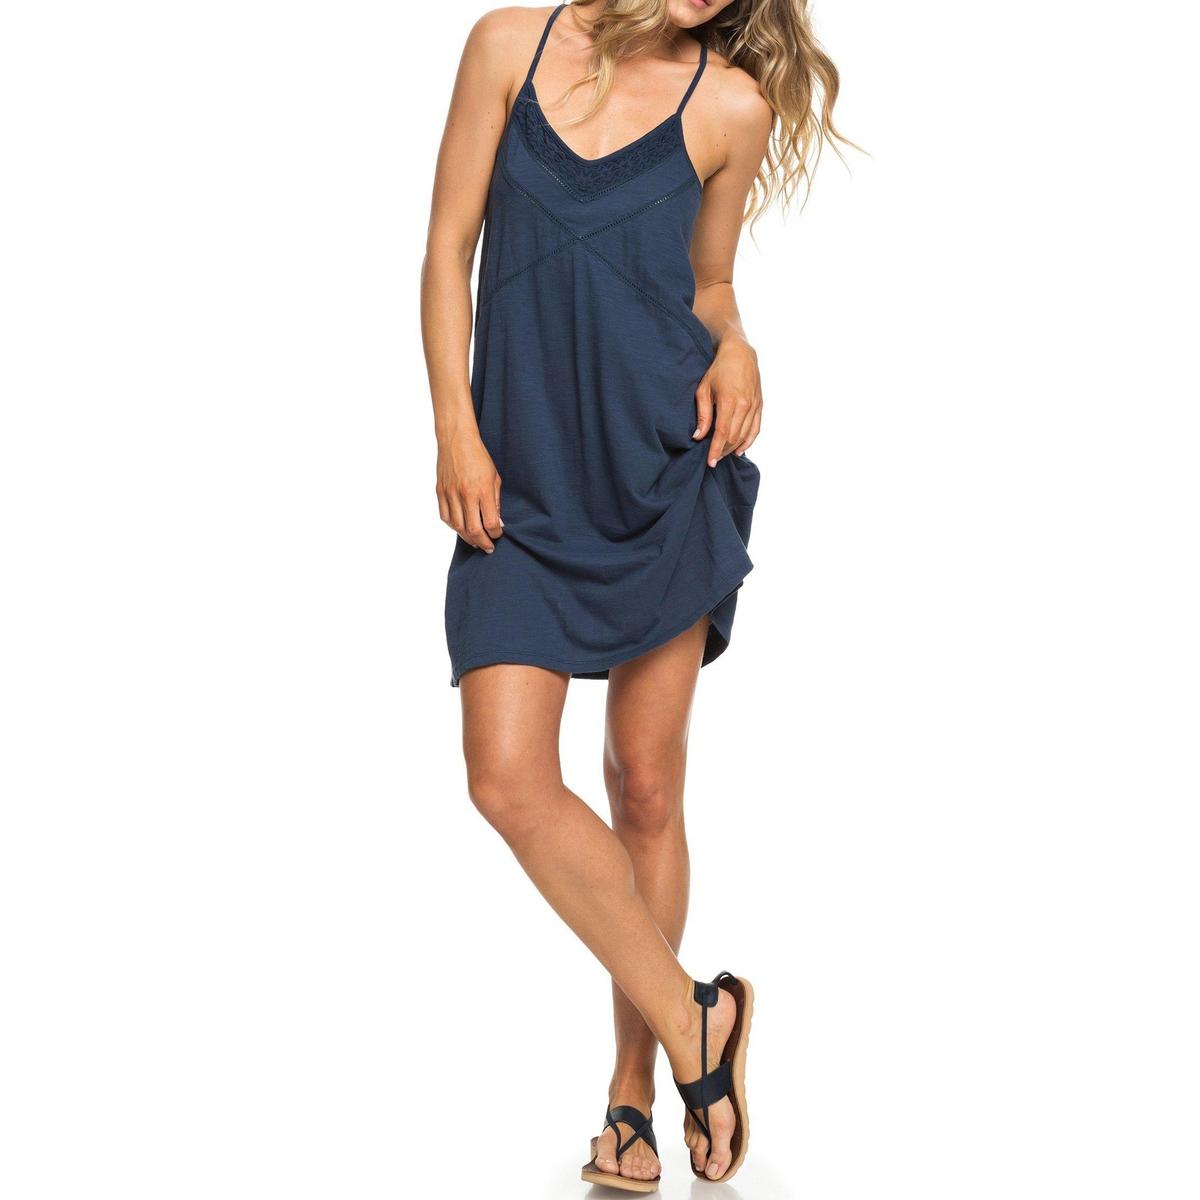 Imagen principal de producto de Vestido de playa con tirantes New lease of Life - Roxy